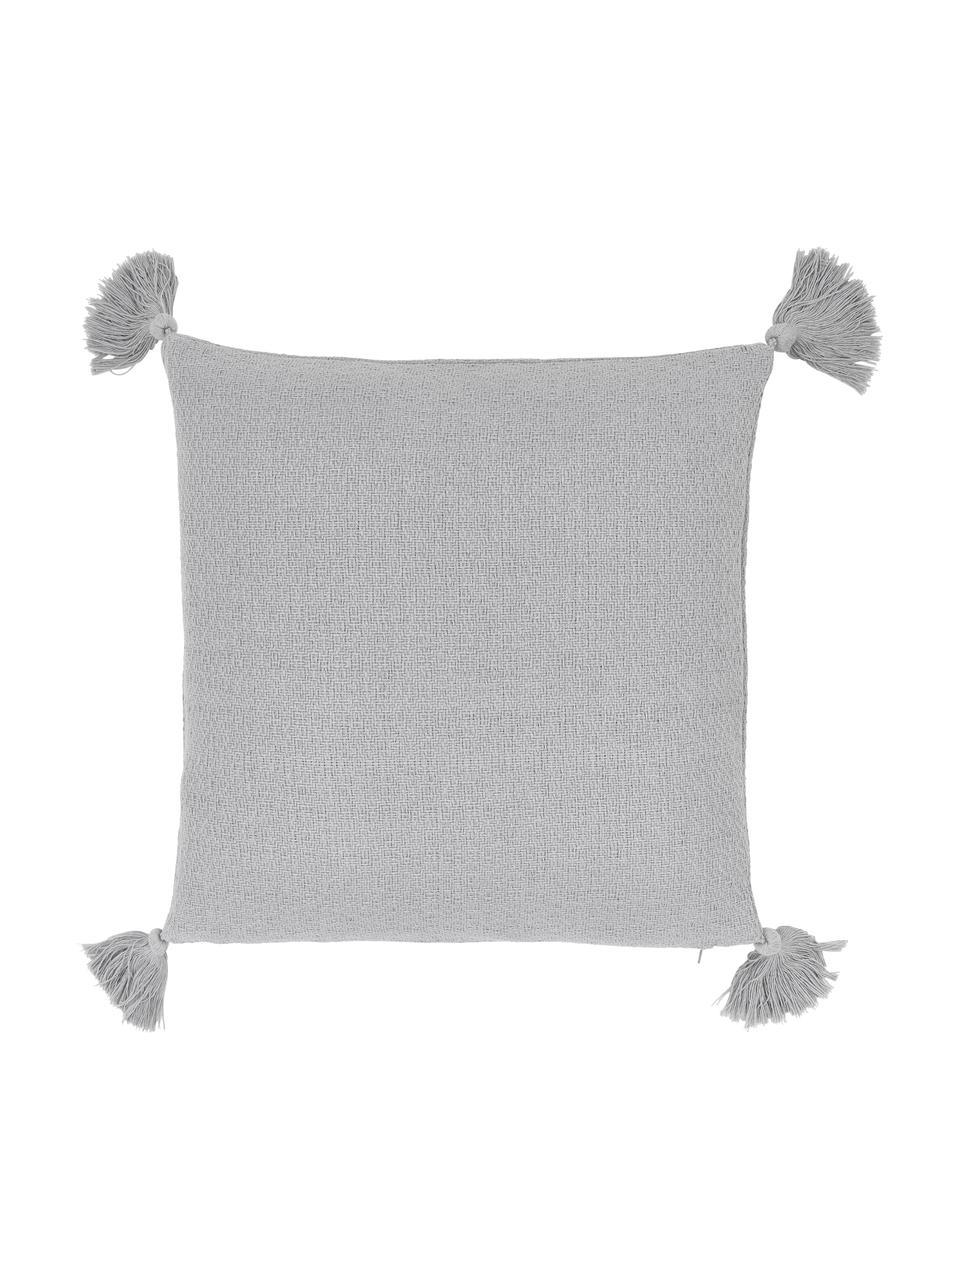 Federa arredo color grigio chiaro con nappe decorative Lori, 100% cotone, Grigio, Larg. 40 x Lung. 40 cm